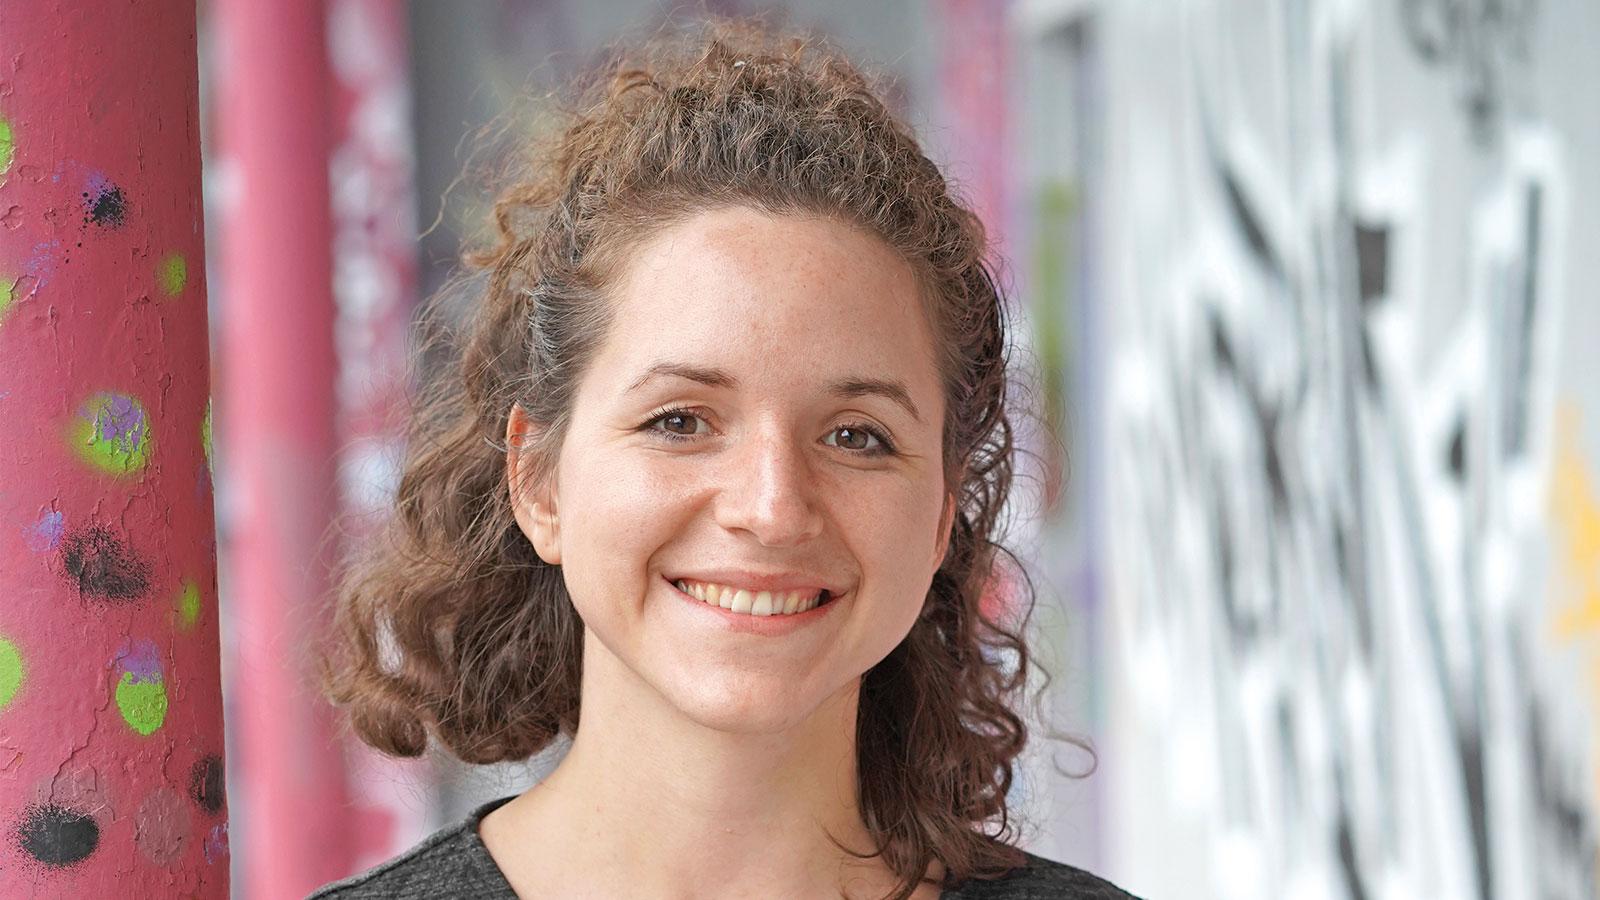 Franziska Pausch, Beratungsstelle für seelische Gesundheit (Sozialpsychiatrischer Dienst)